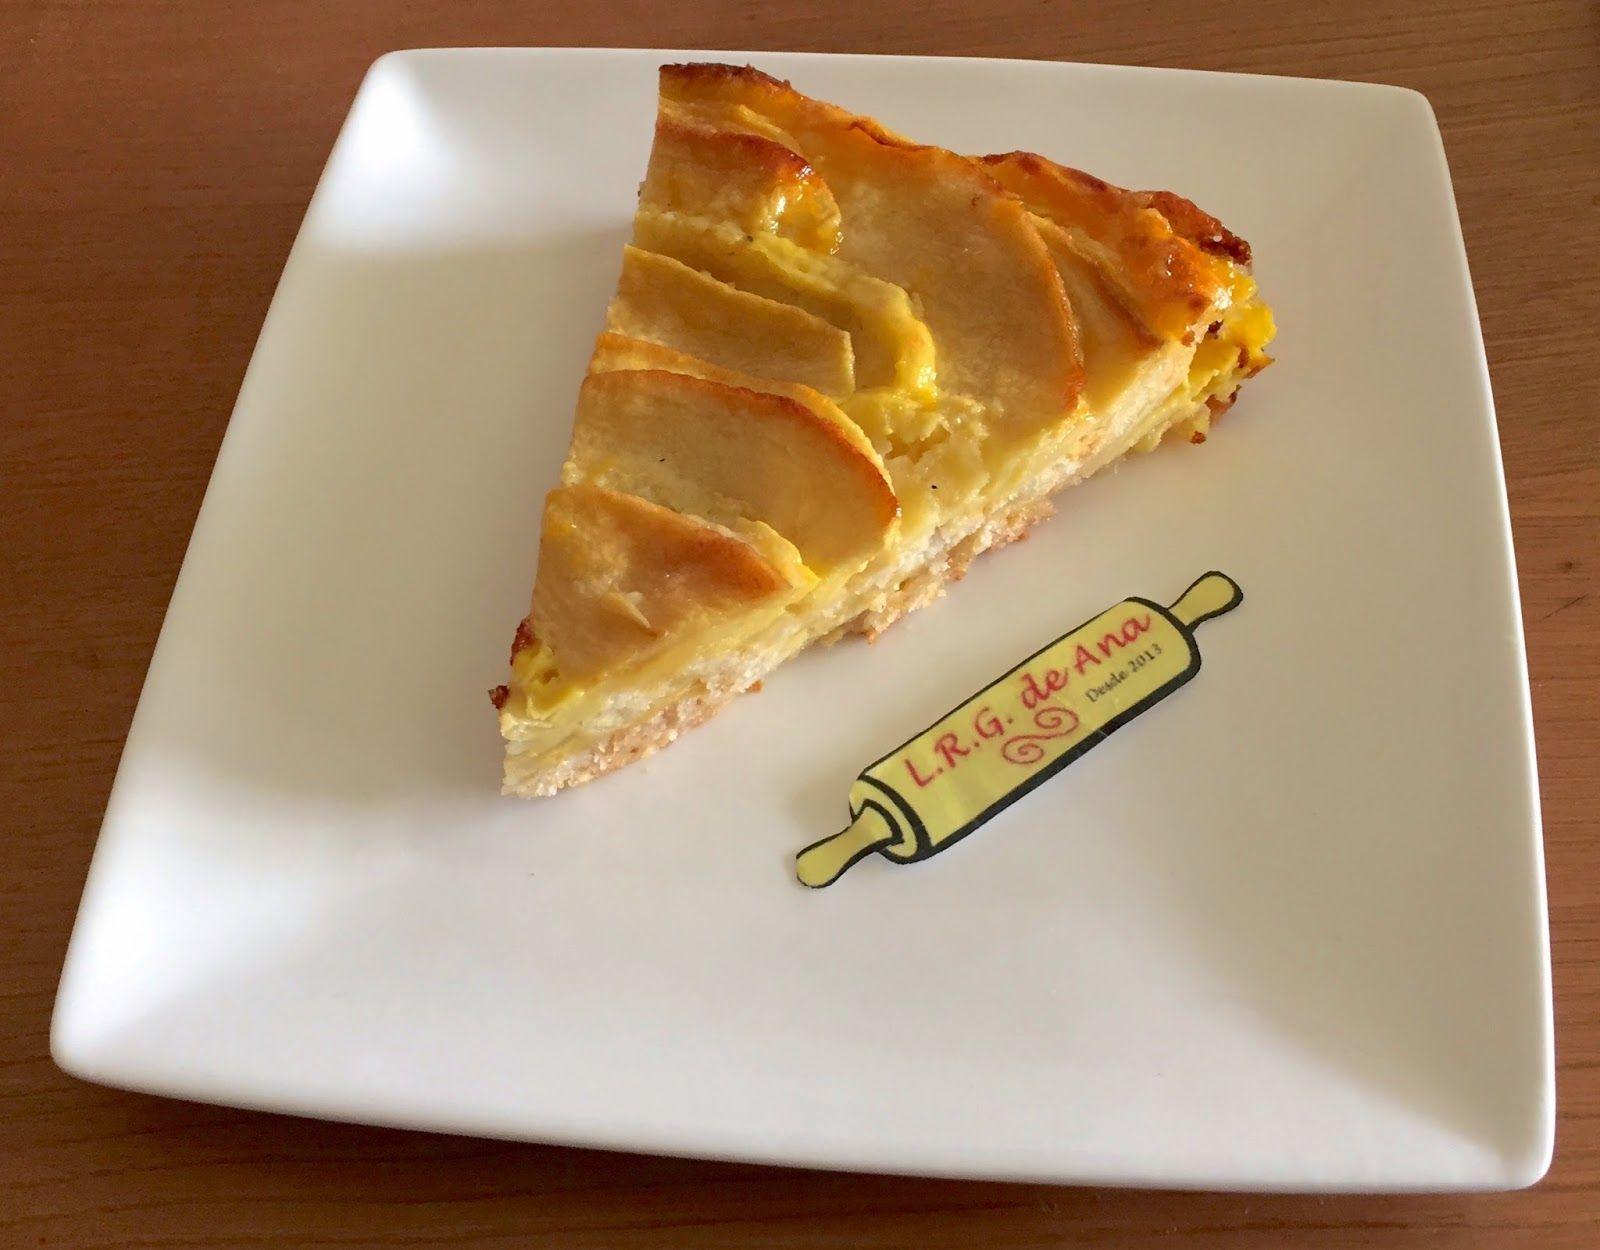 Tarta de manzana f cil y rica tvcocina recetas de for Cocina facil y rica